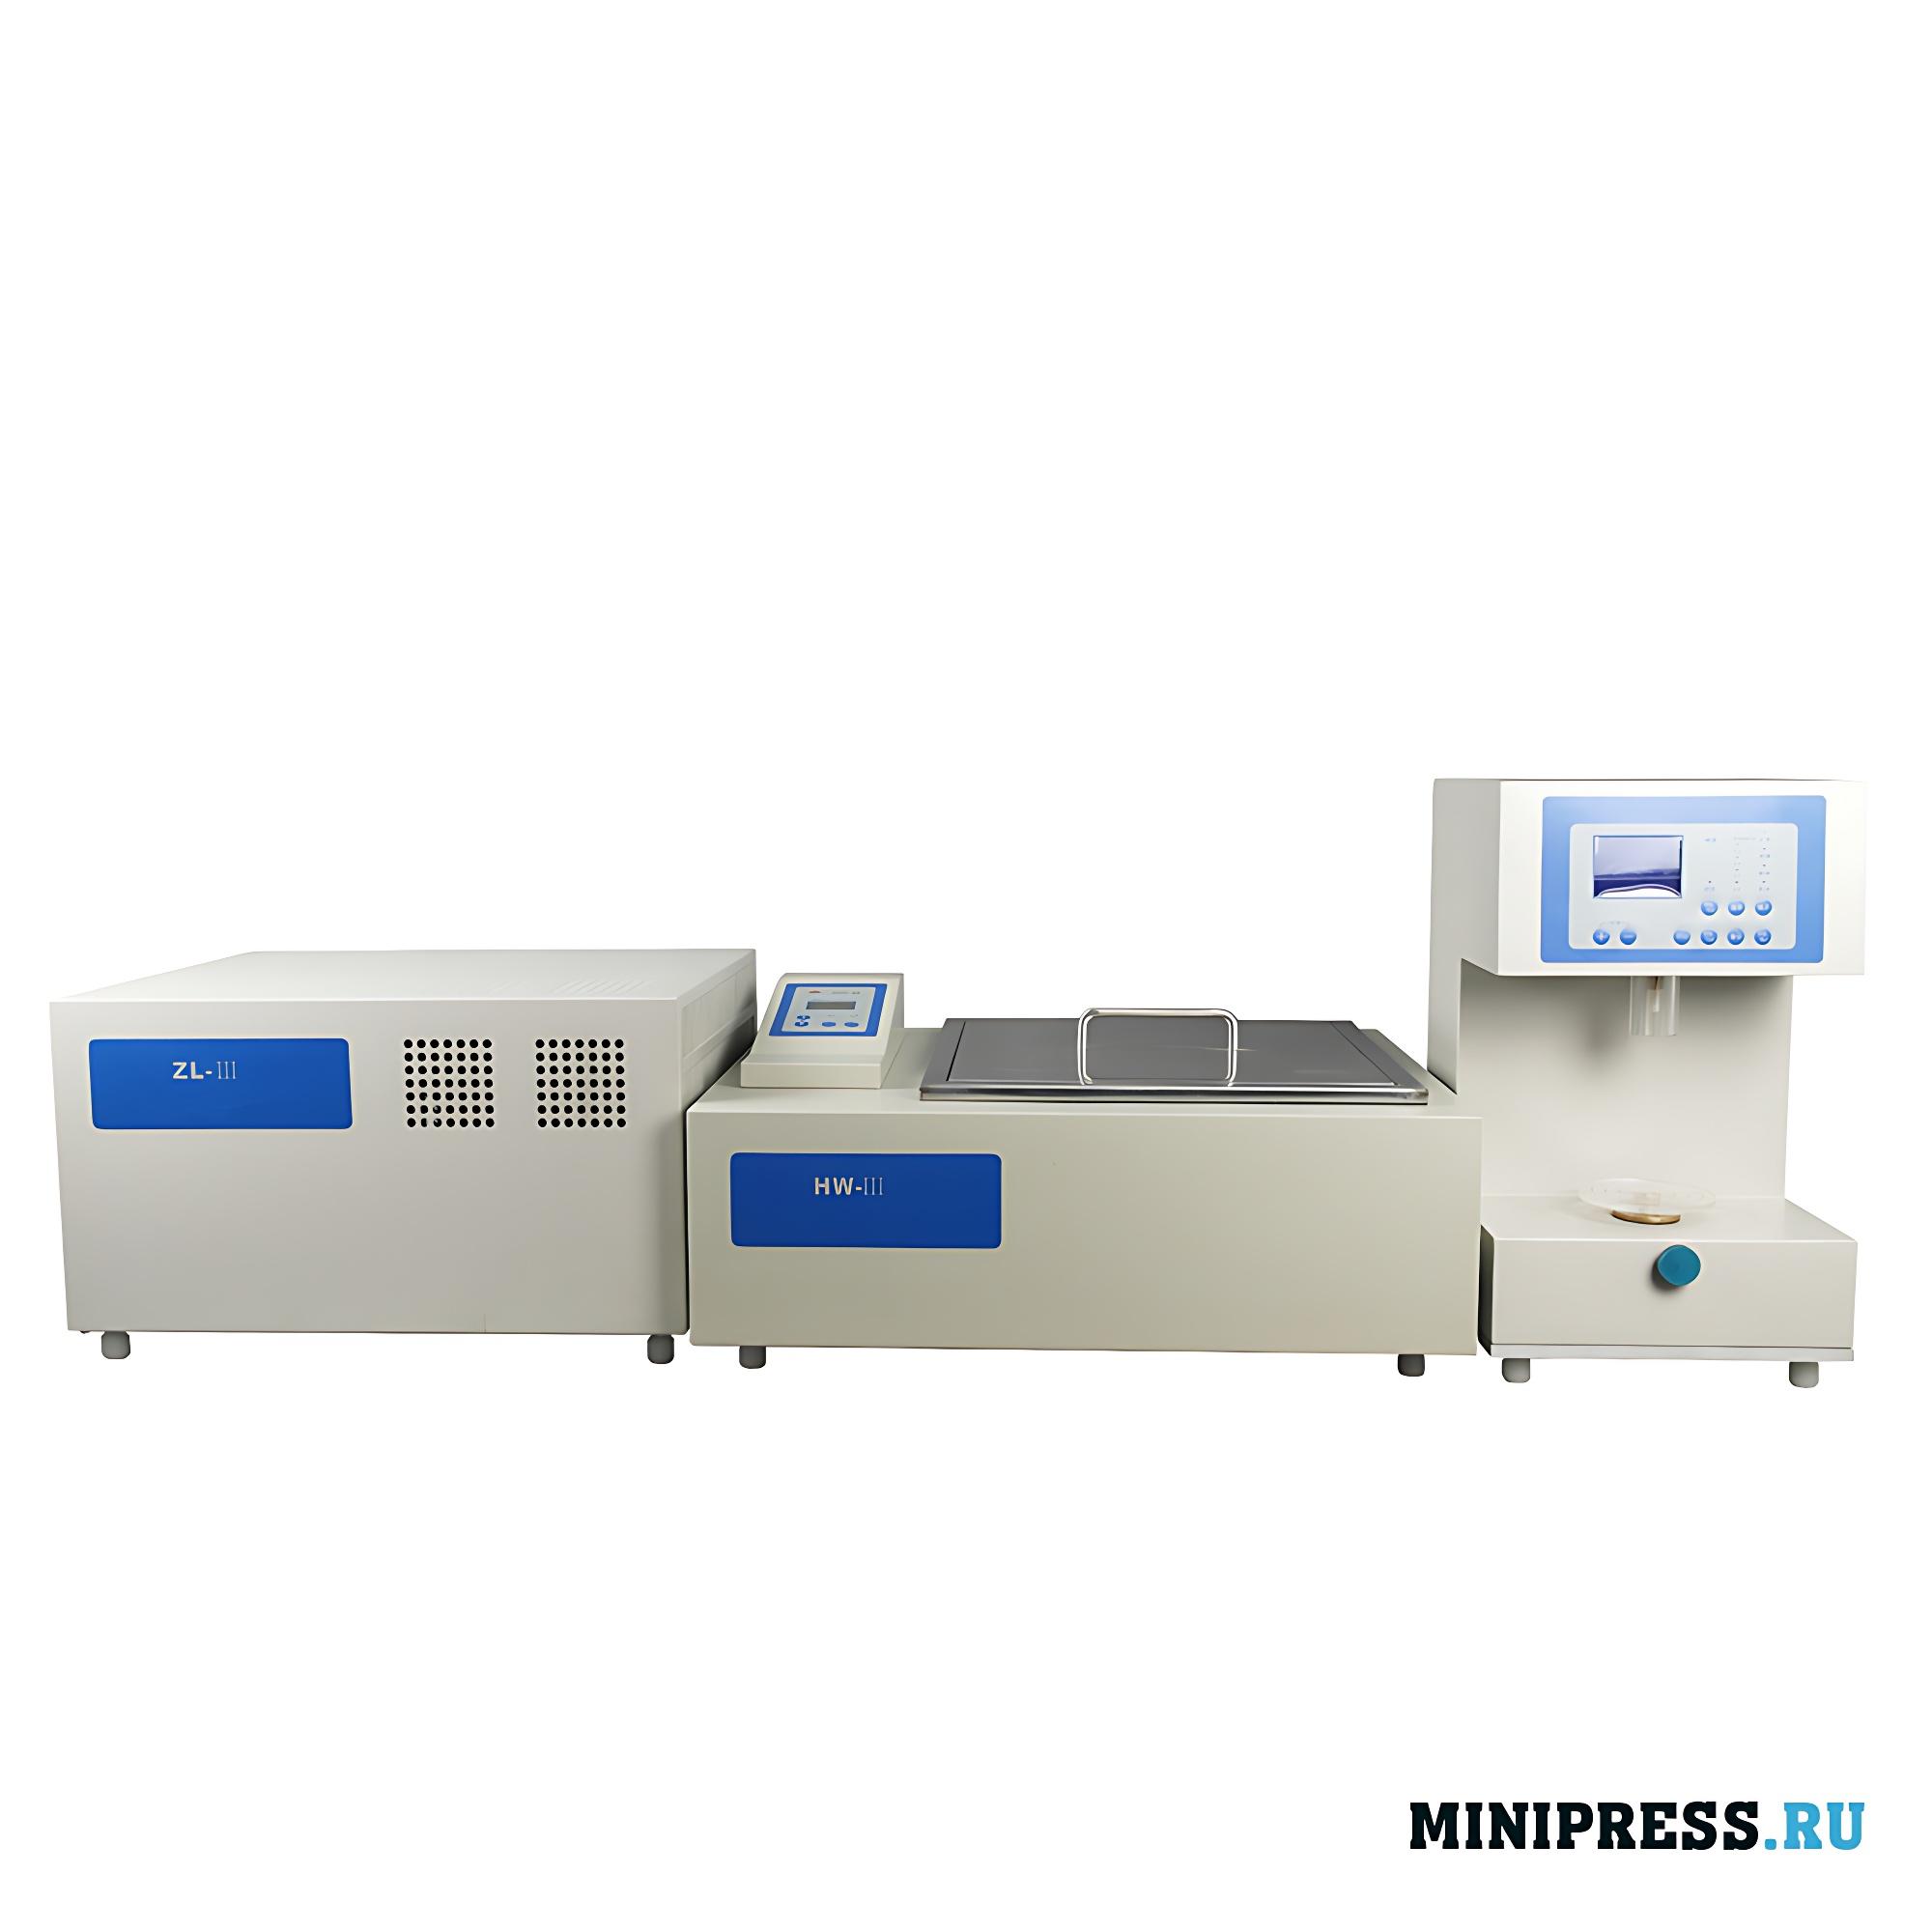 Лабораторная система для испытания прочности желатинового геля